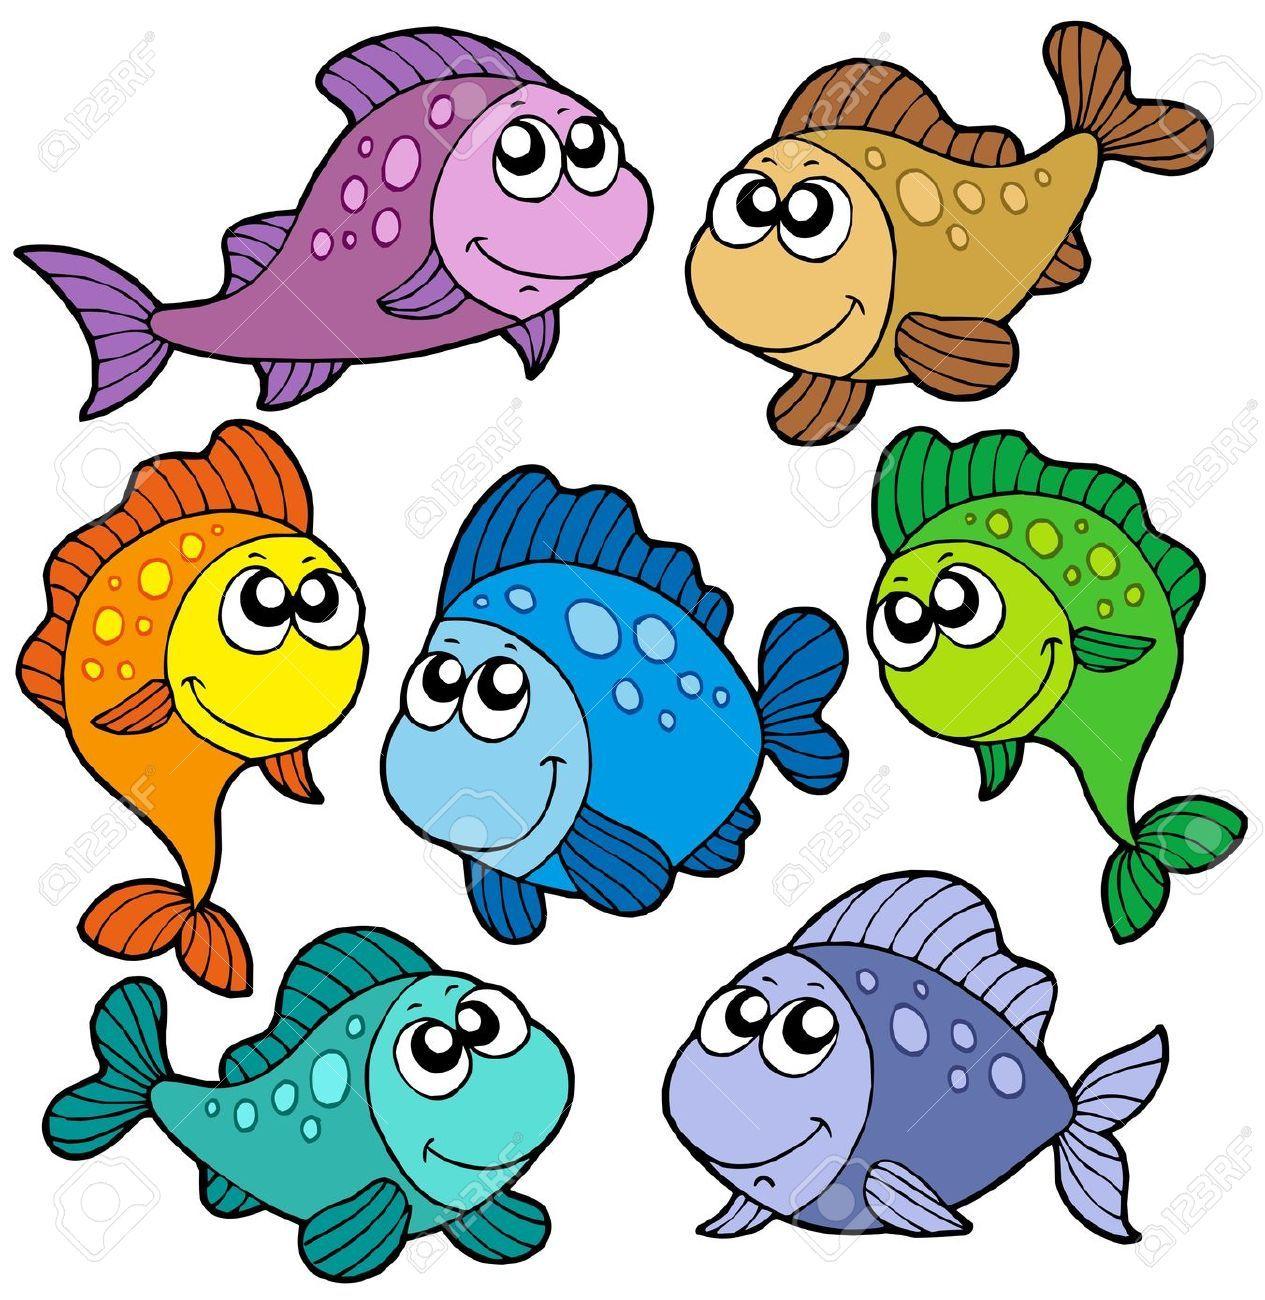 dibujos animados de peces y animales marinos  Buscar con Google